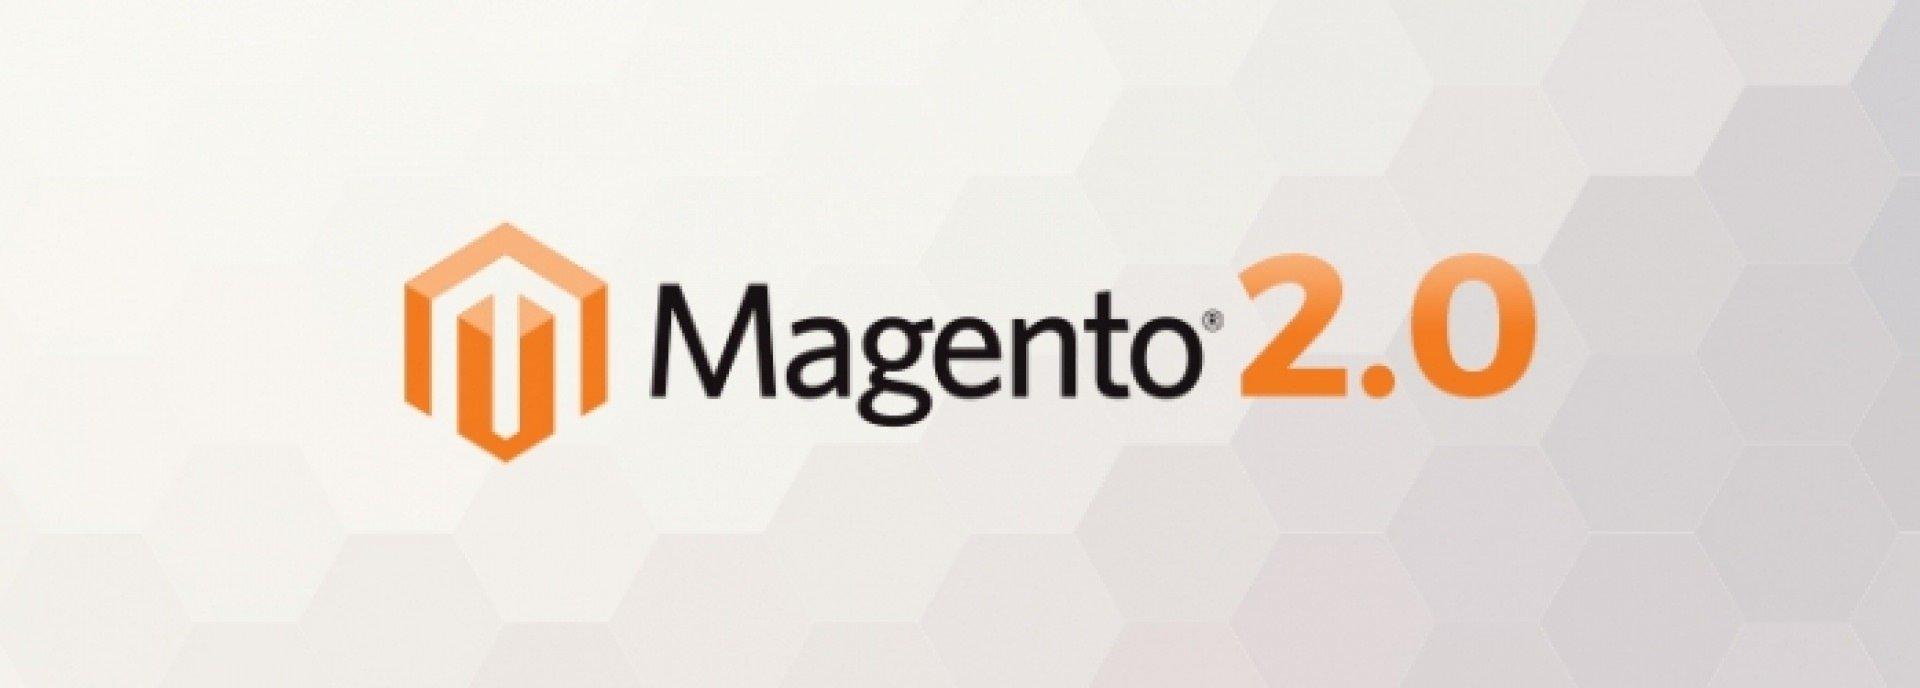 upgrade-magento-2.0